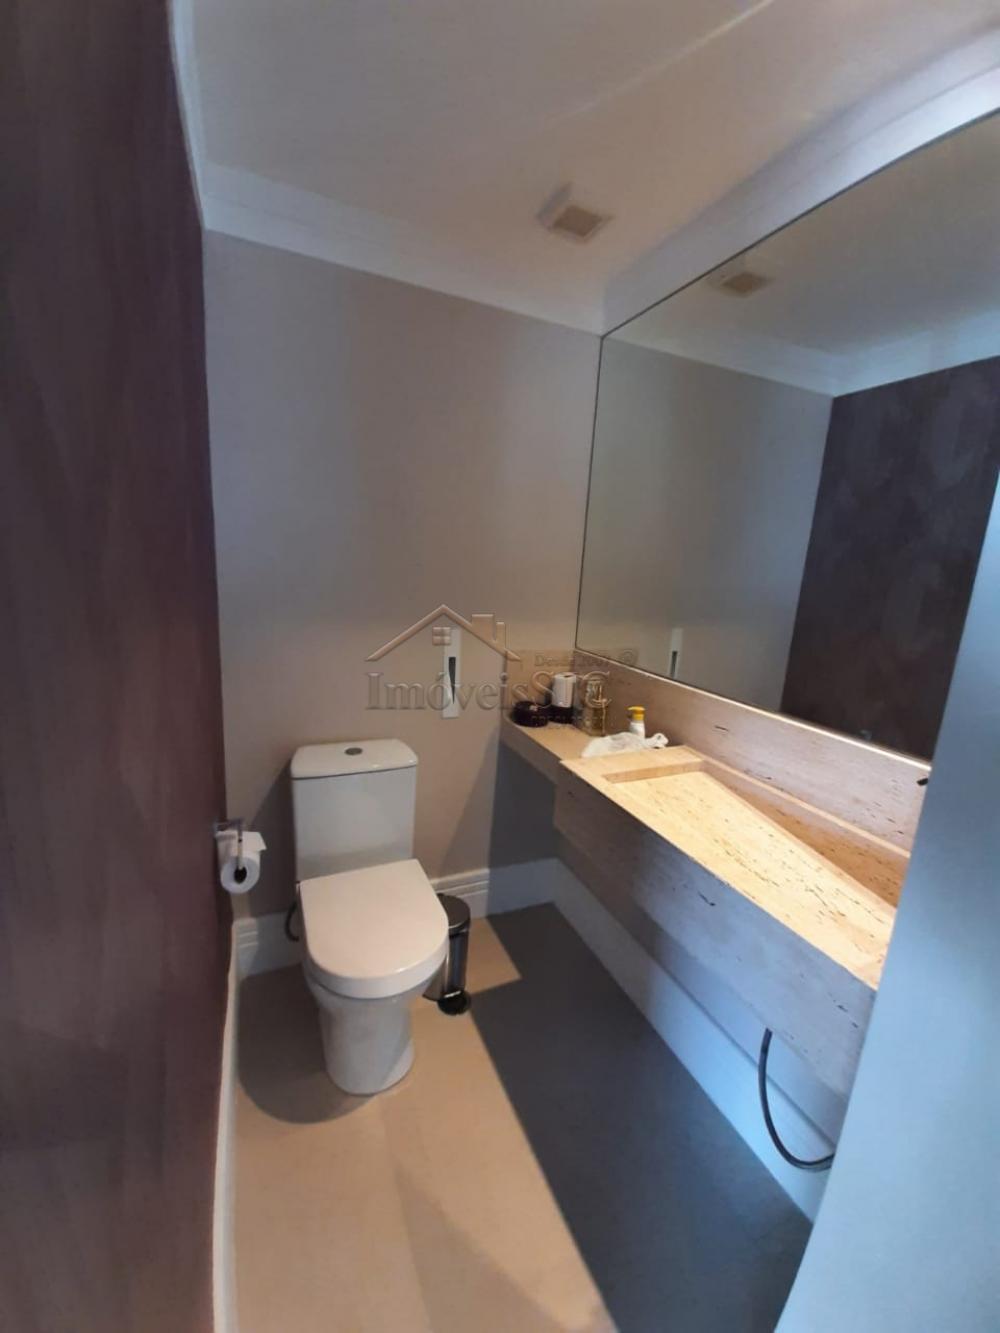 Comprar Apartamentos / Padrão em São José dos Campos R$ 1.600.000,00 - Foto 8